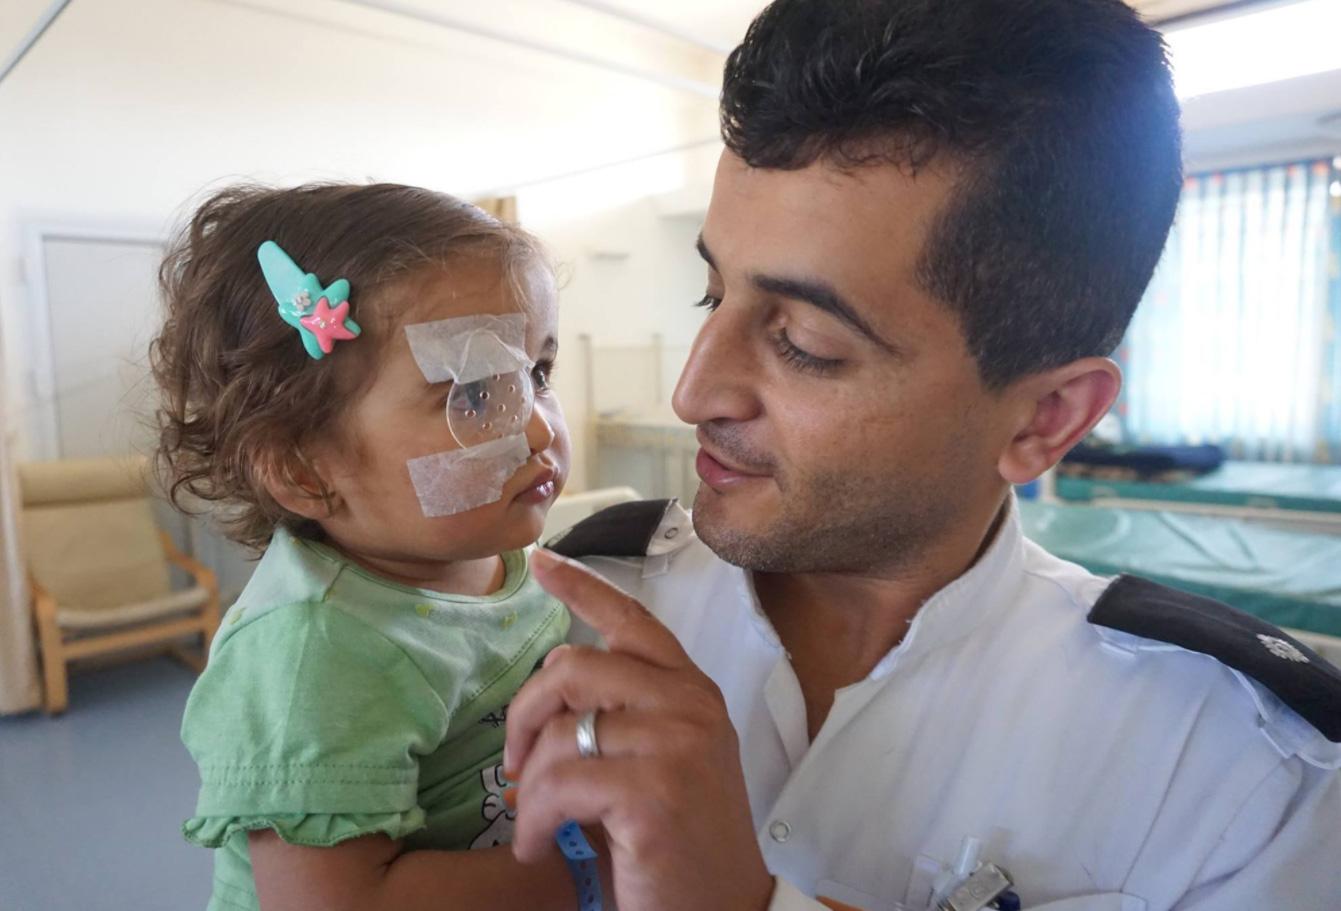 st-john-eye-care-doctor-little-girl